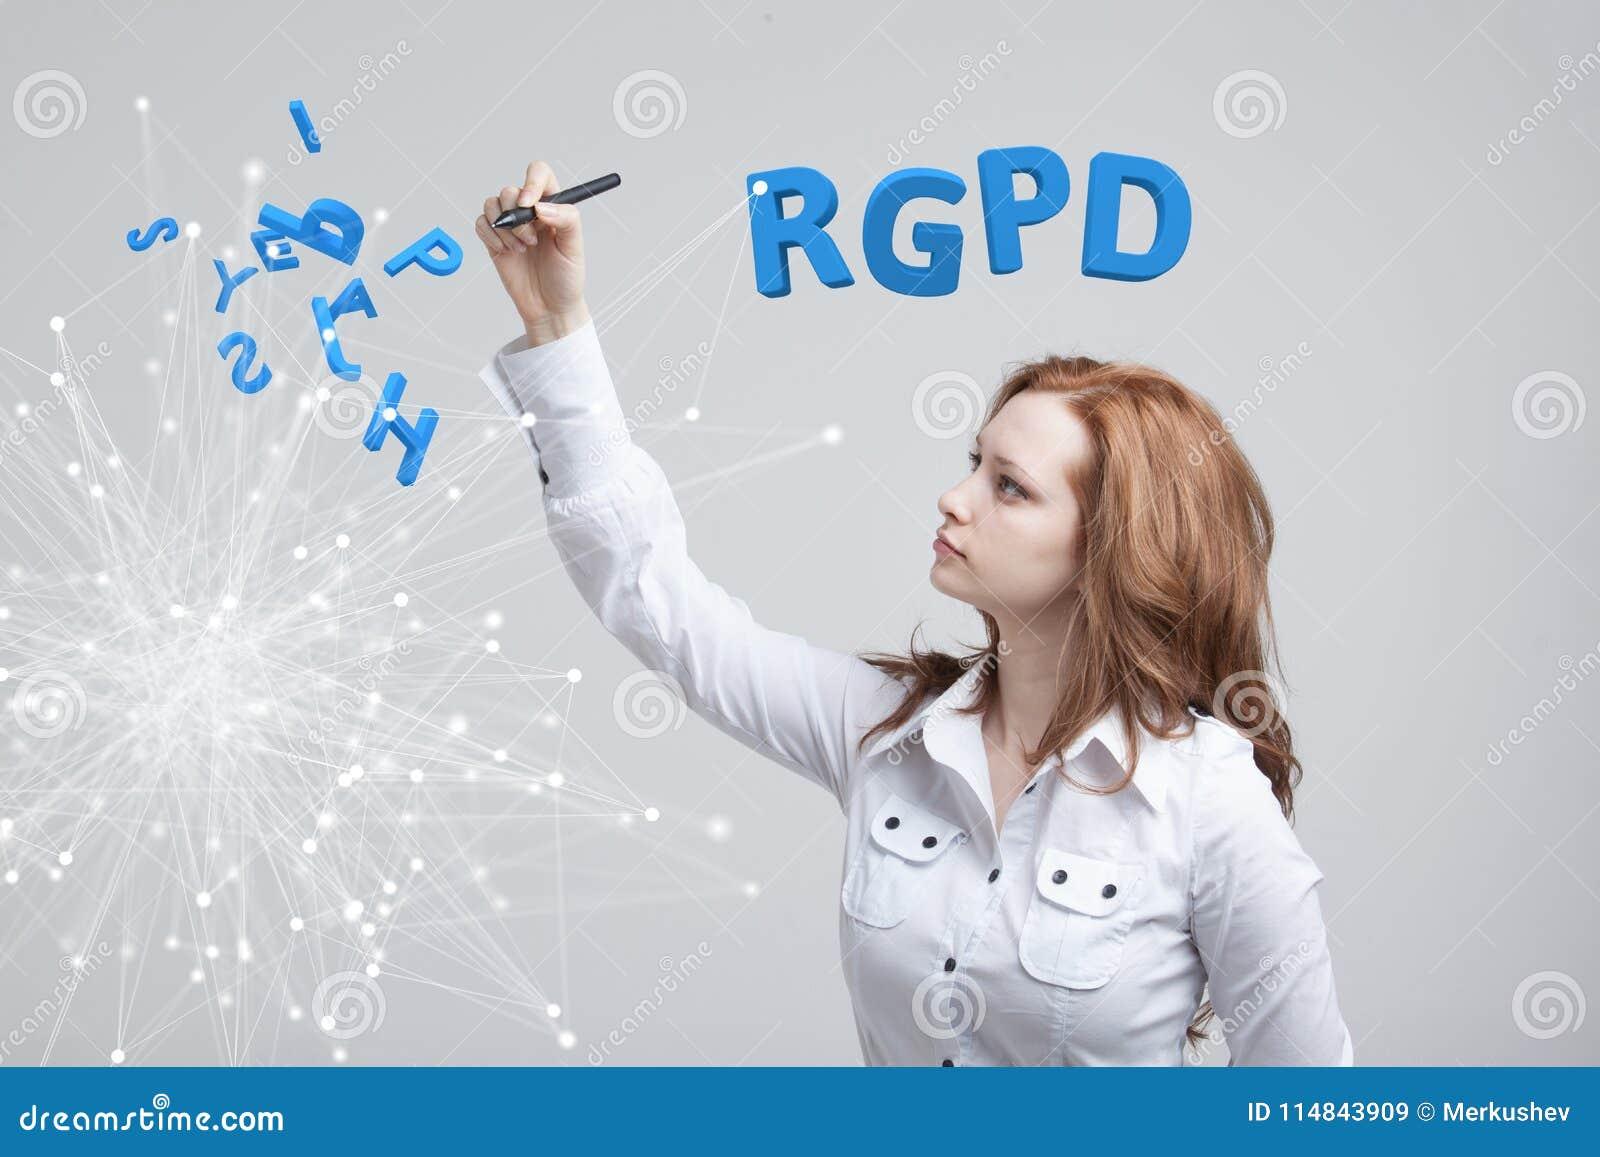 RGPD, hiszpańszczyzn, francuza i włoszczyzny wersi wersja GDPR: Reglamento Ogólny De Proteccion de datos Ogólni dane